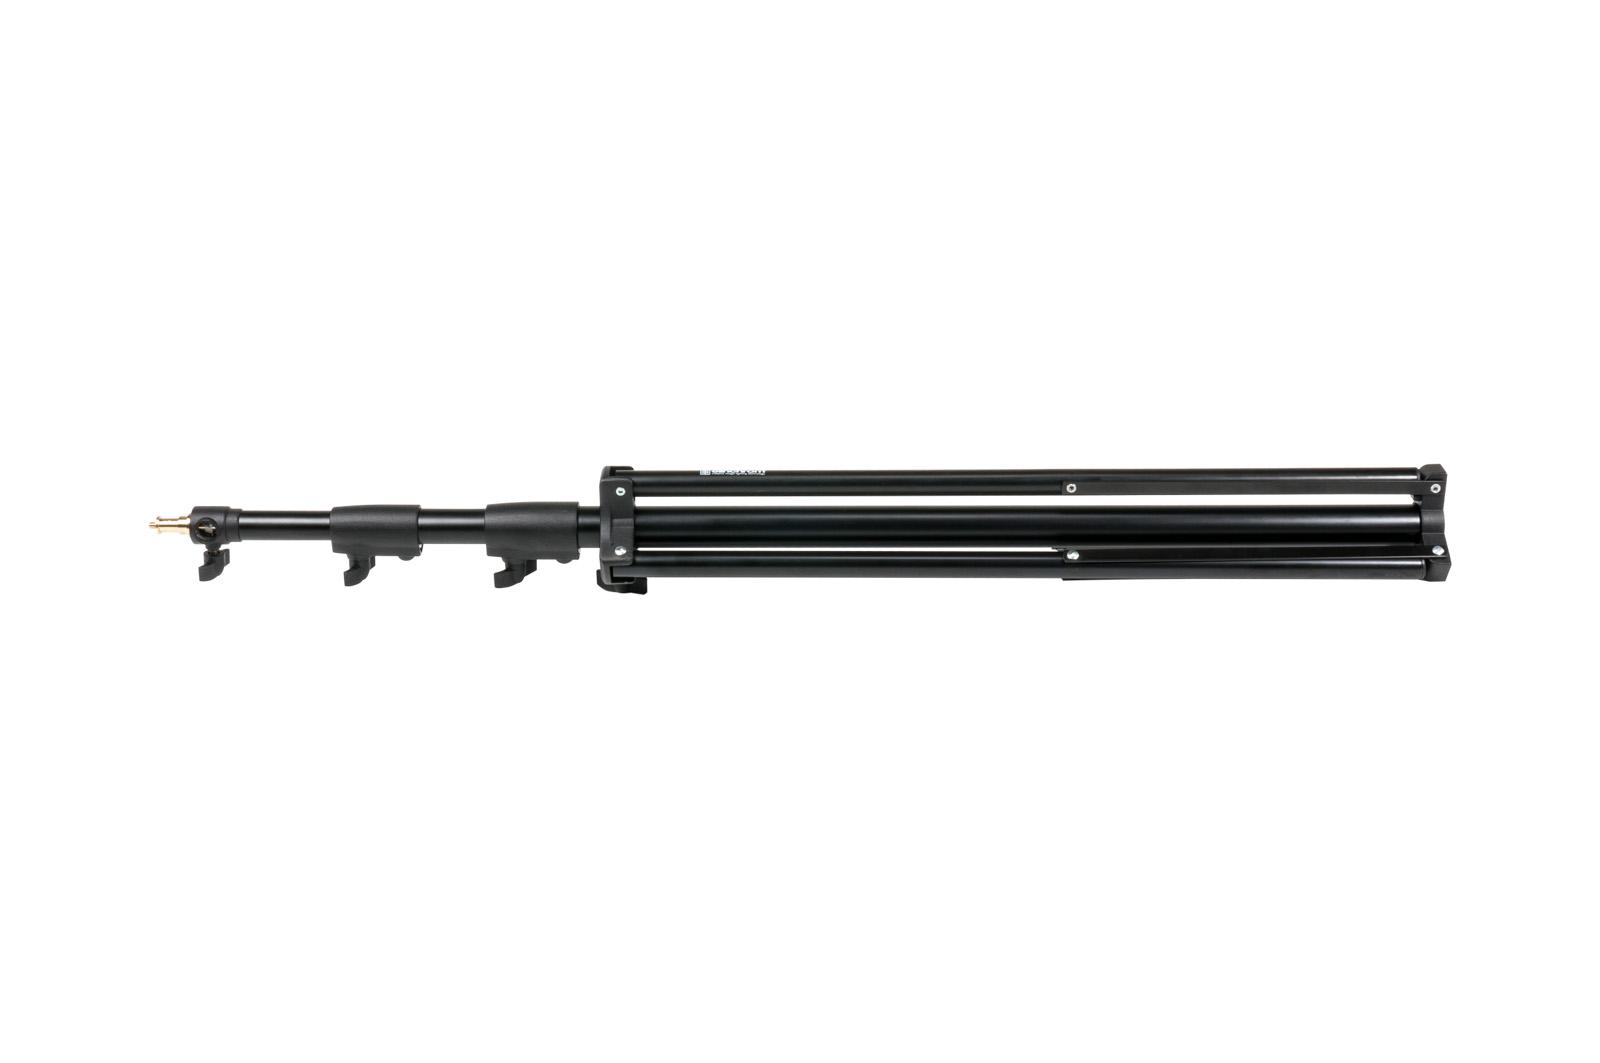 Elinchrom Leuchtenstativ AIR - luftgedämpft 105-264 cm